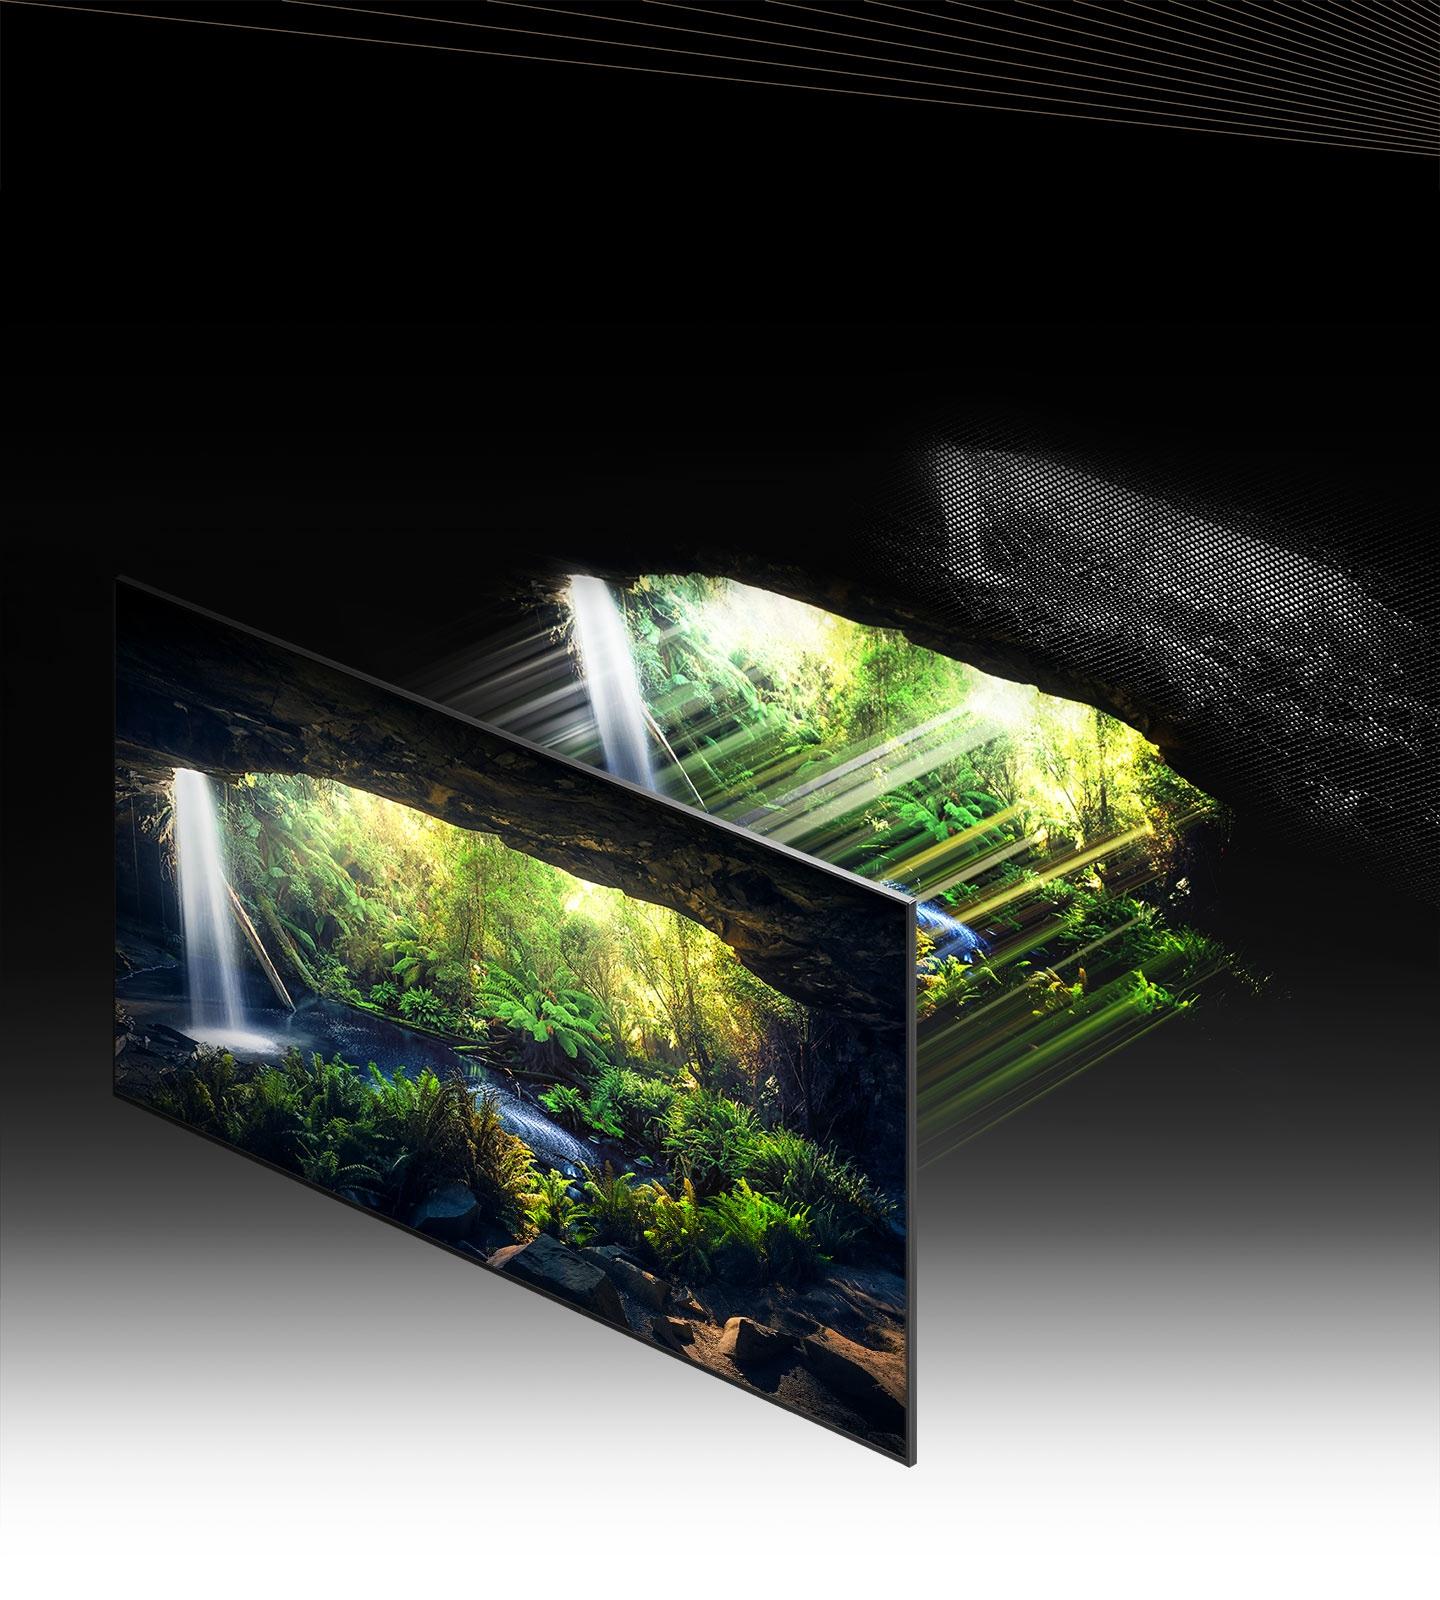 Thông qua Quantum Mini LED và microlayer, màn hình với phong cảnh rừng tuyệt đẹp nhìn từ bên trong hang động được hiển thị chi tiết, rõ ràng ở các vùng sáng và tối.